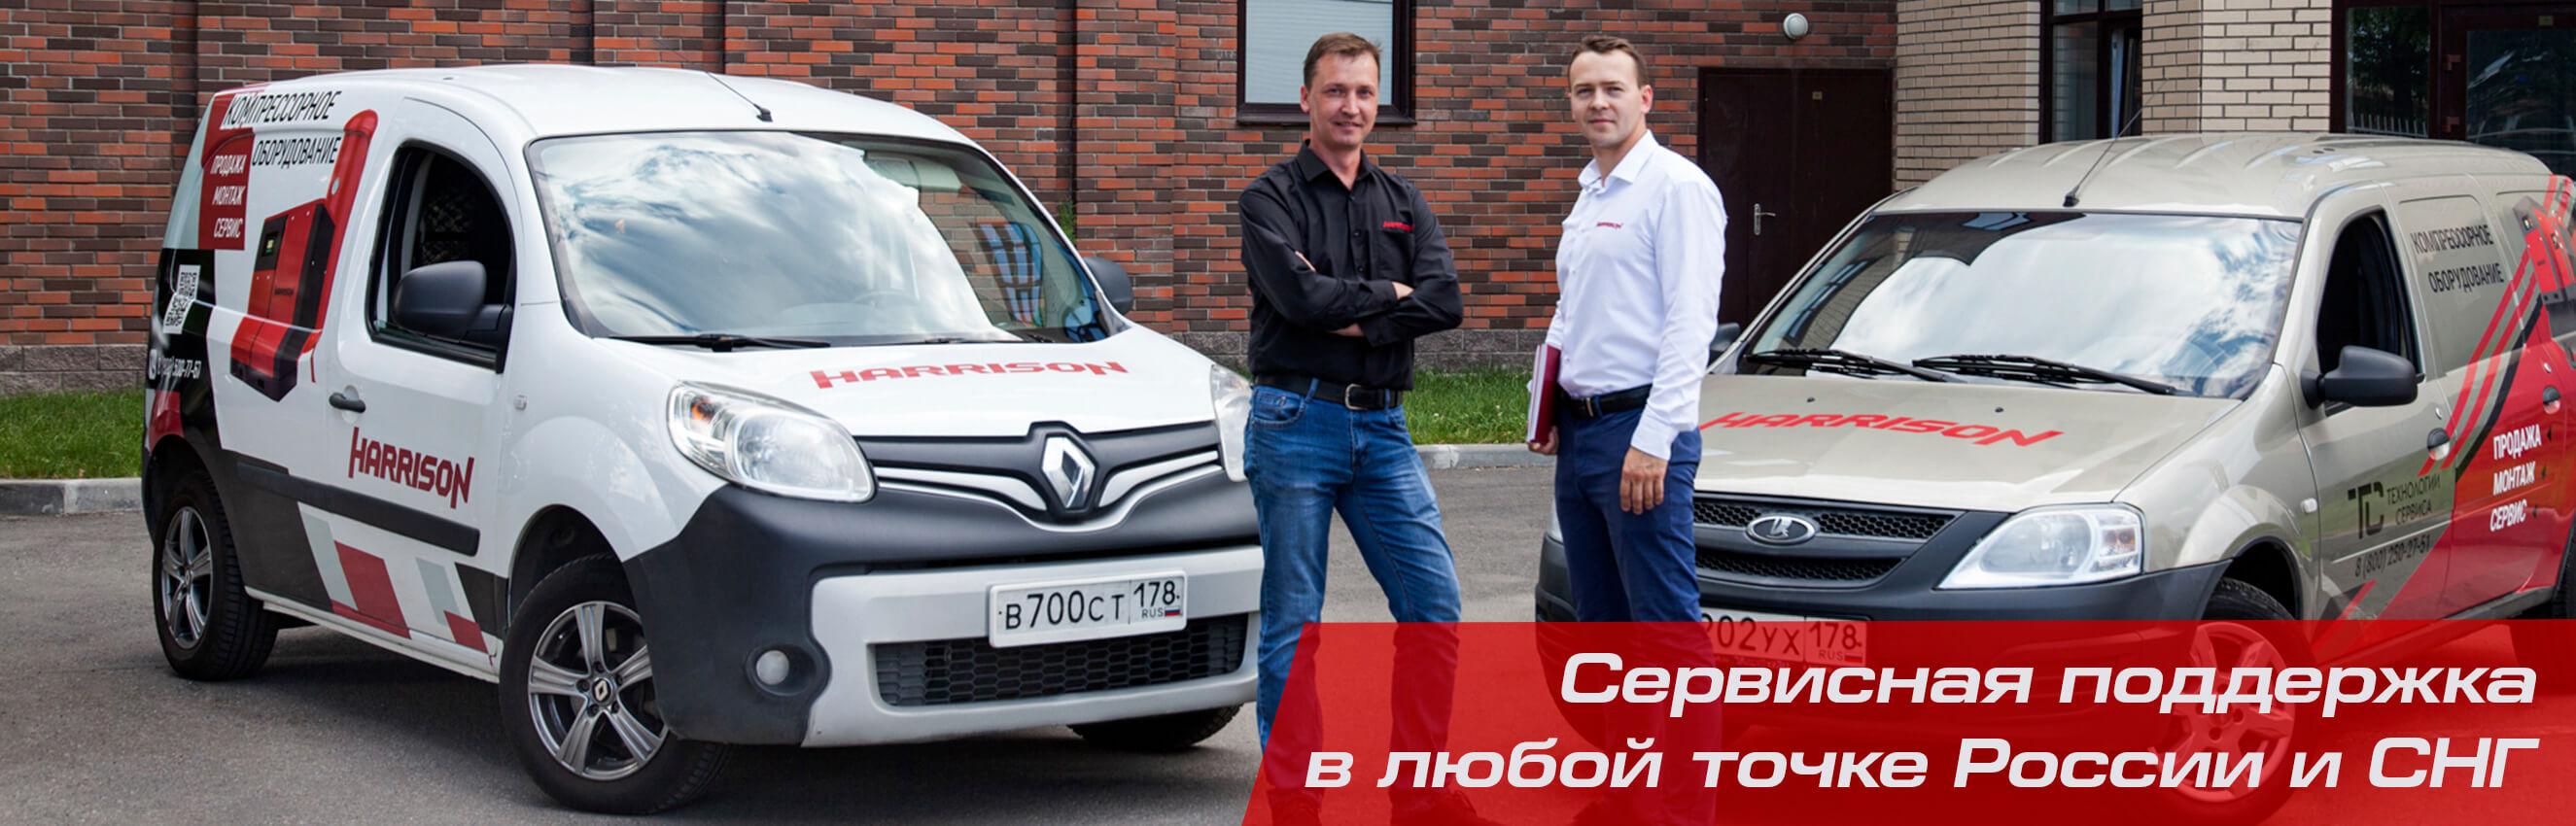 Сервисная поддержка компрессоров Harrison в любой точке России